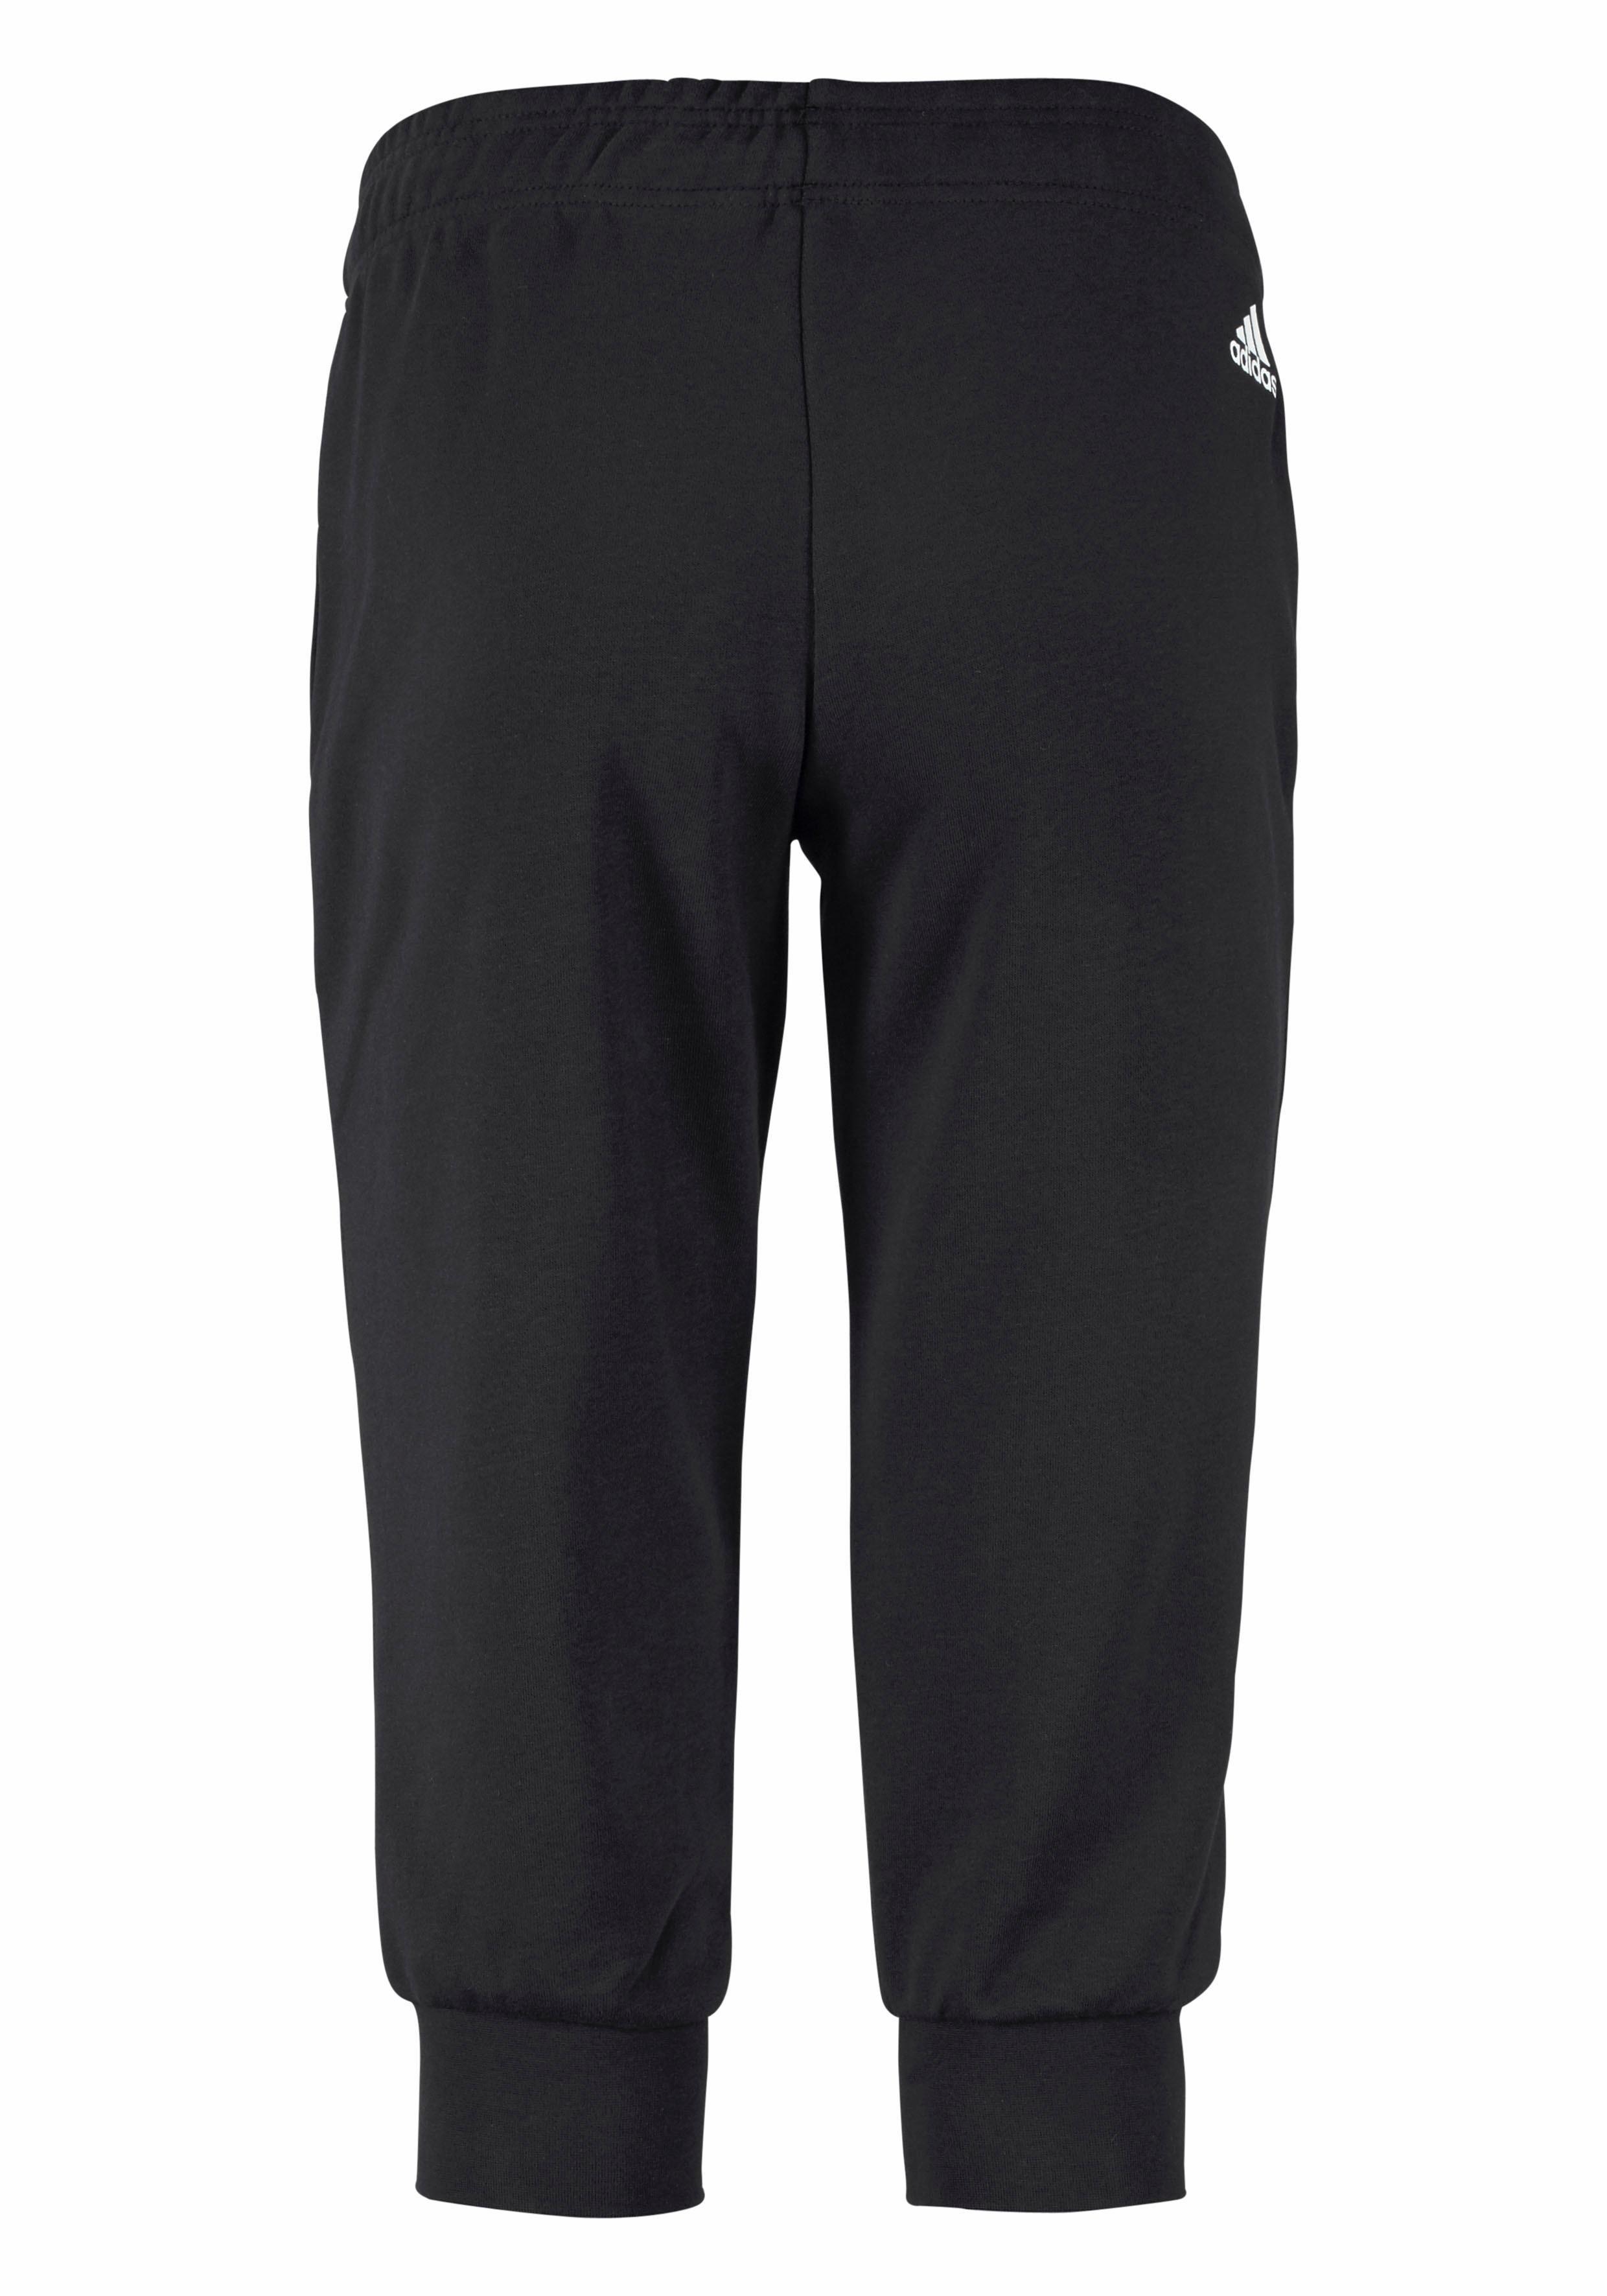 4 Winkel 3 De In Linear Pant Driekwartbroekessentials Adidas Performance Online ukOiXZPT